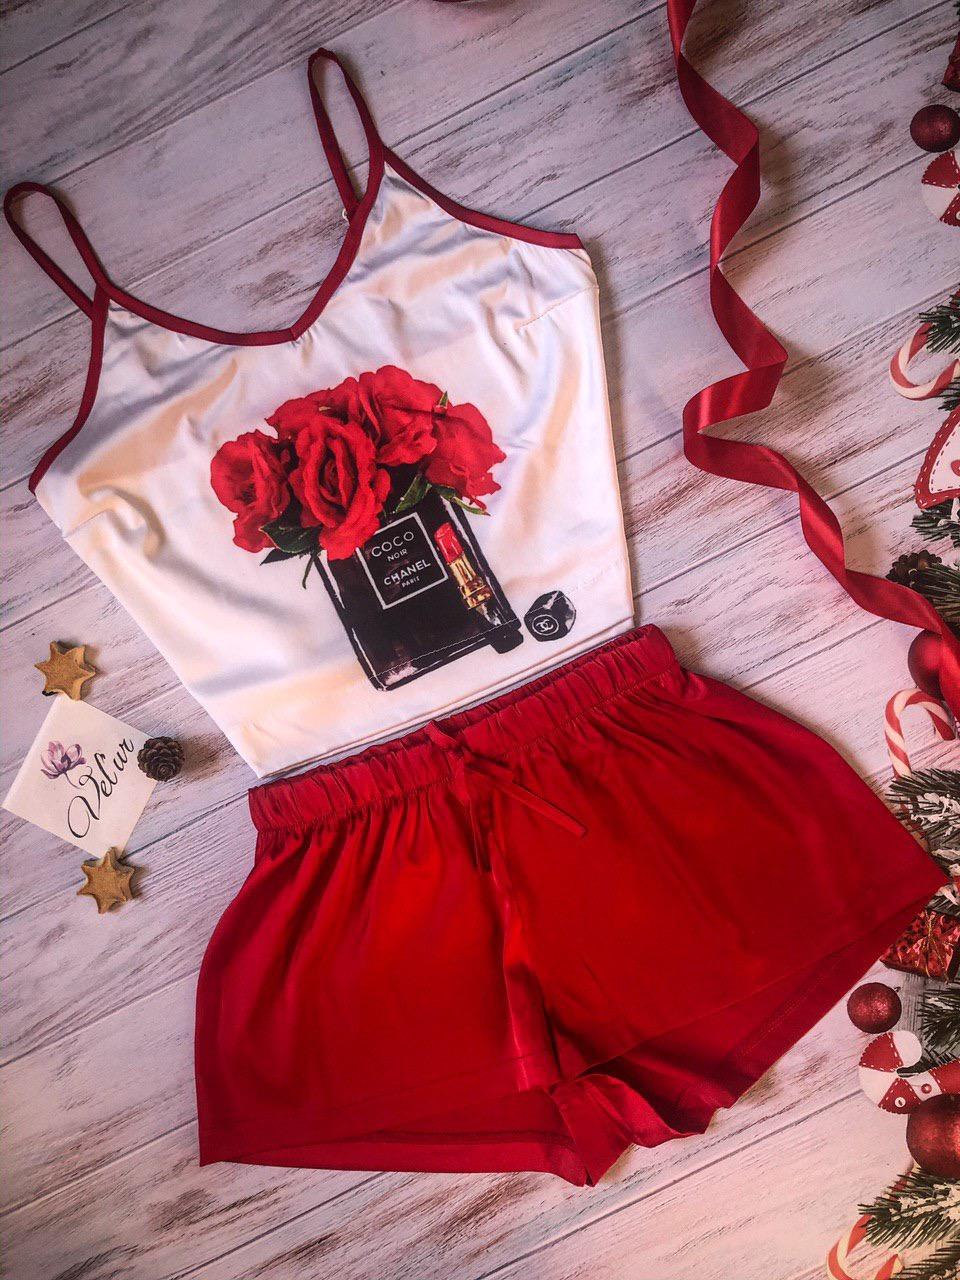 Шелковая пижама ручной работы Коко